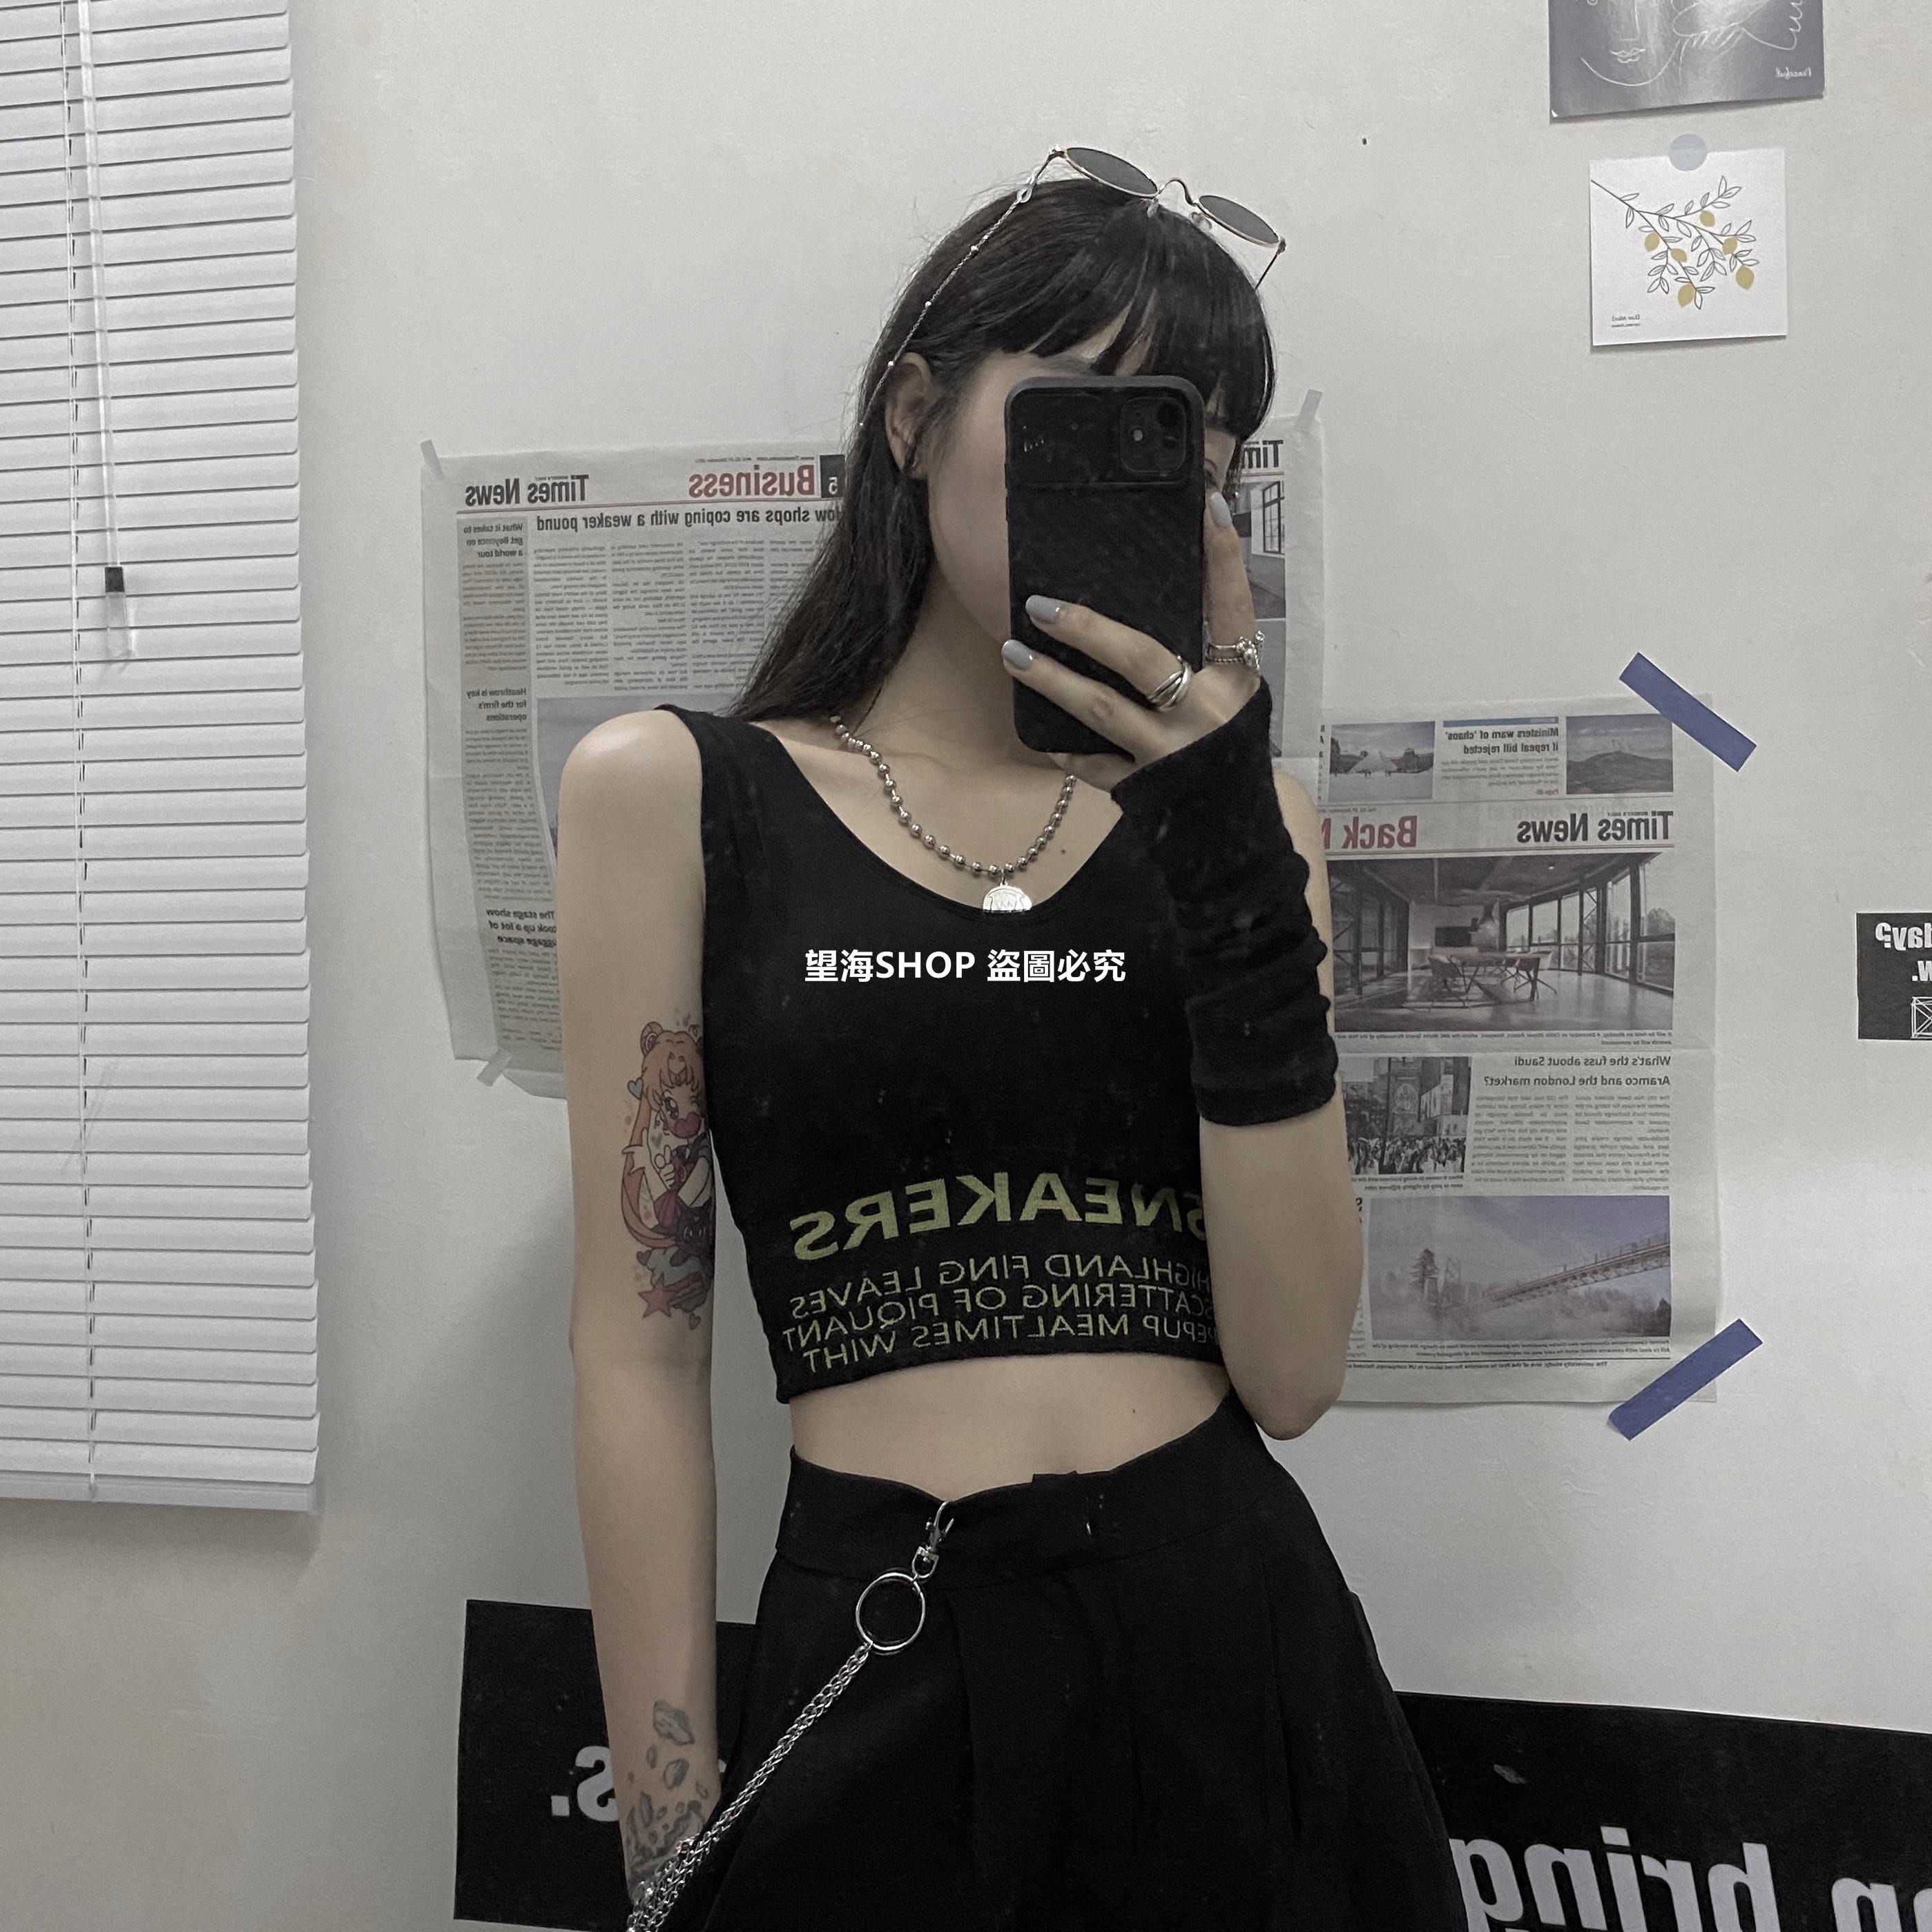 望海SHOP 背心女2020夏季潮新款INS字母印花短款帶胸墊修身款顯瘦學生運動上衣